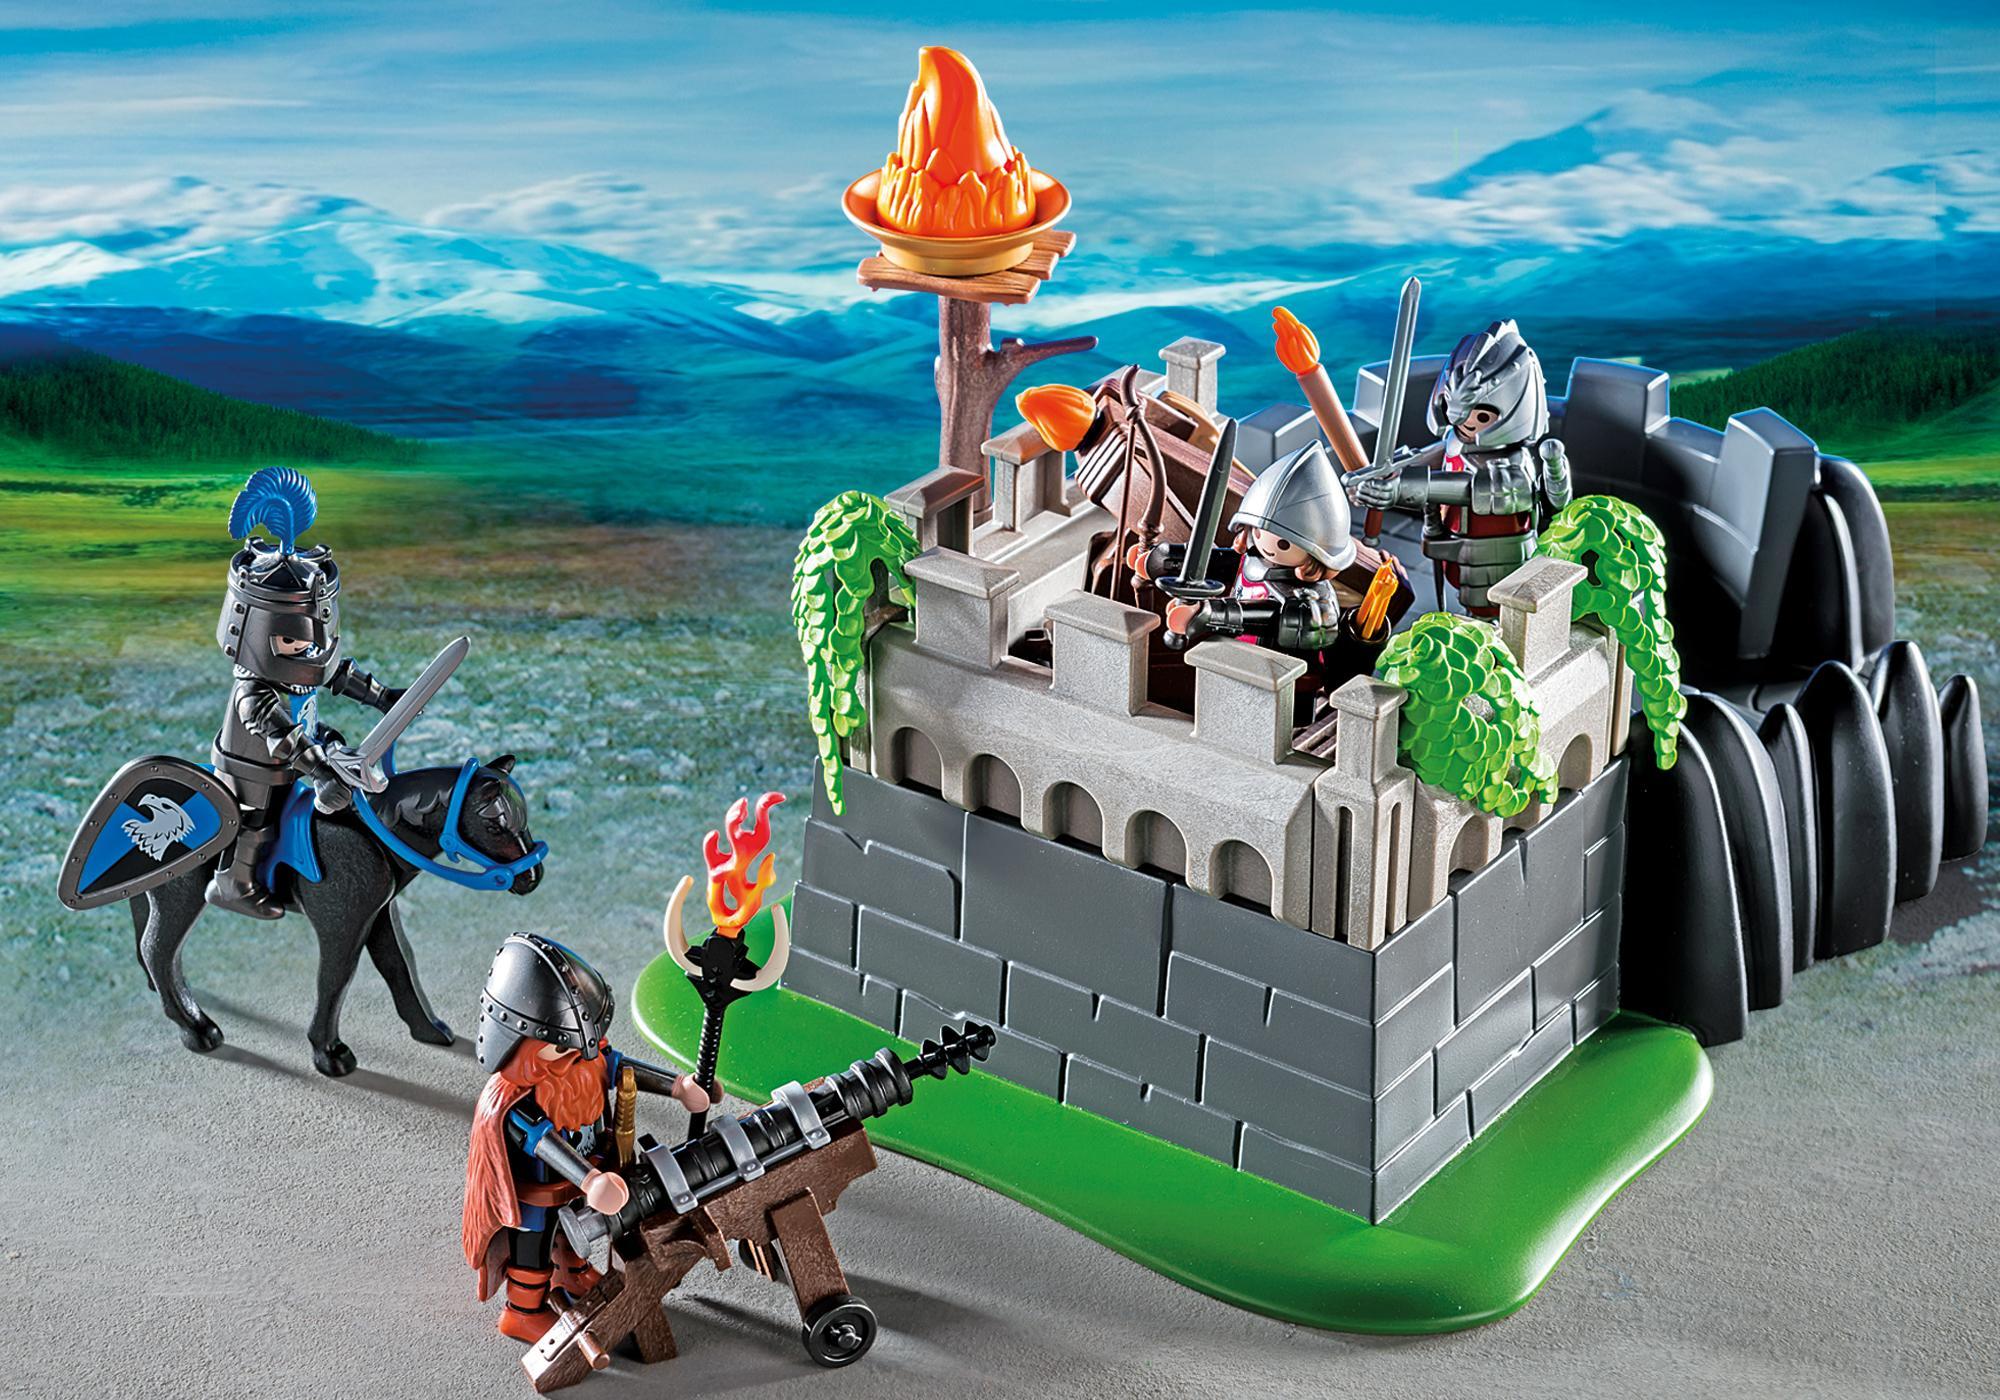 http://media.playmobil.com/i/playmobil/6627_product_extra2/Drakriddarnas fästning